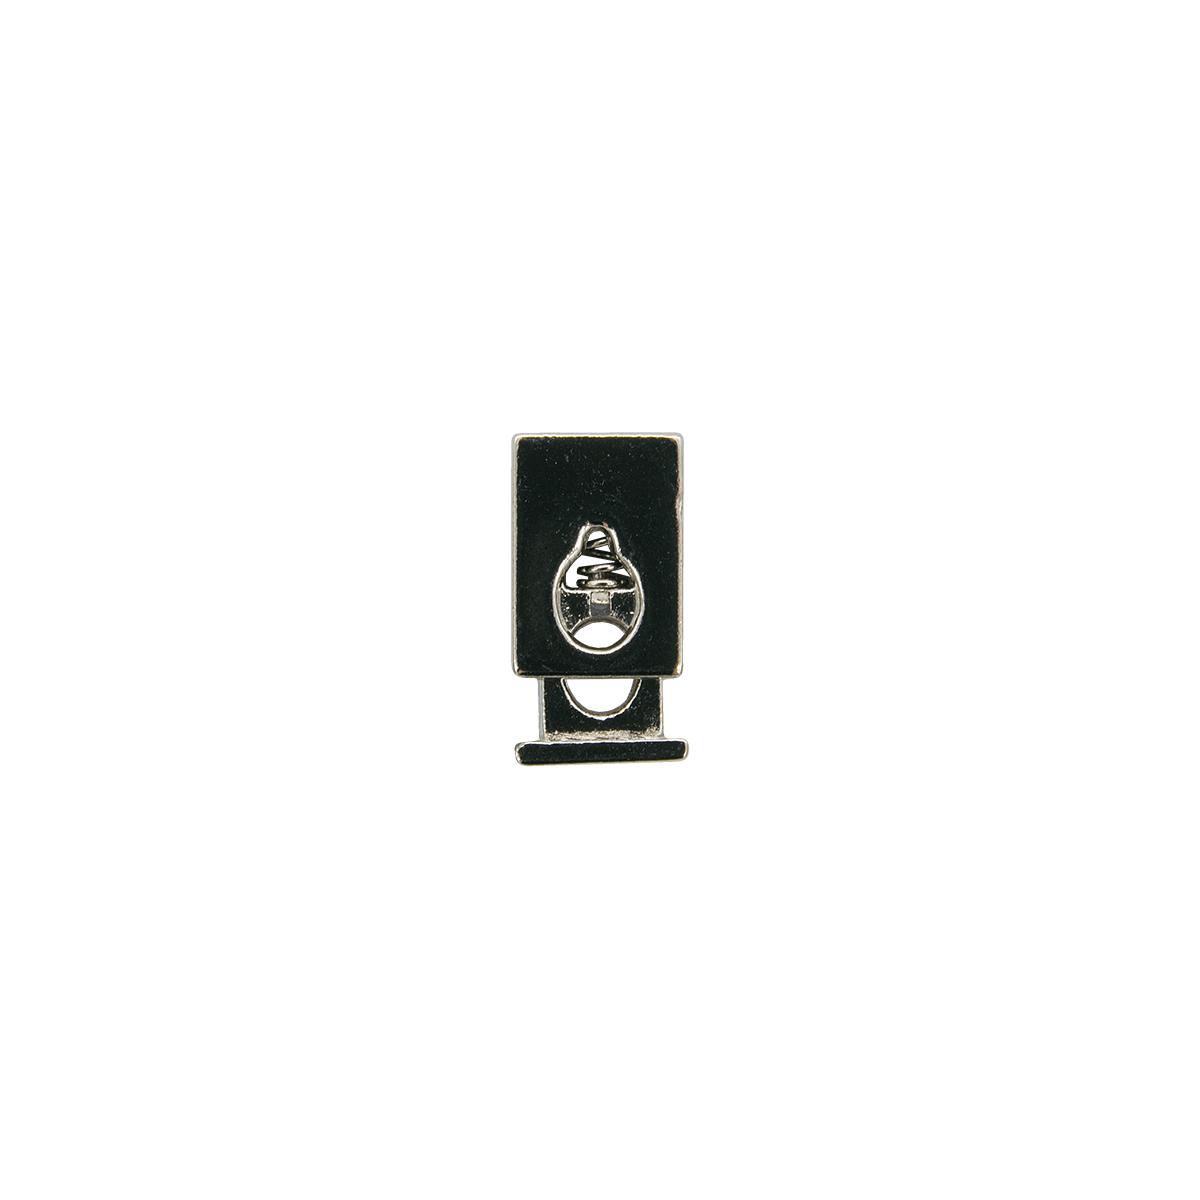 0305-5057 Стопор 'Цилиндр' 4-х гран., d=3,5мм, 20*10мм, металл